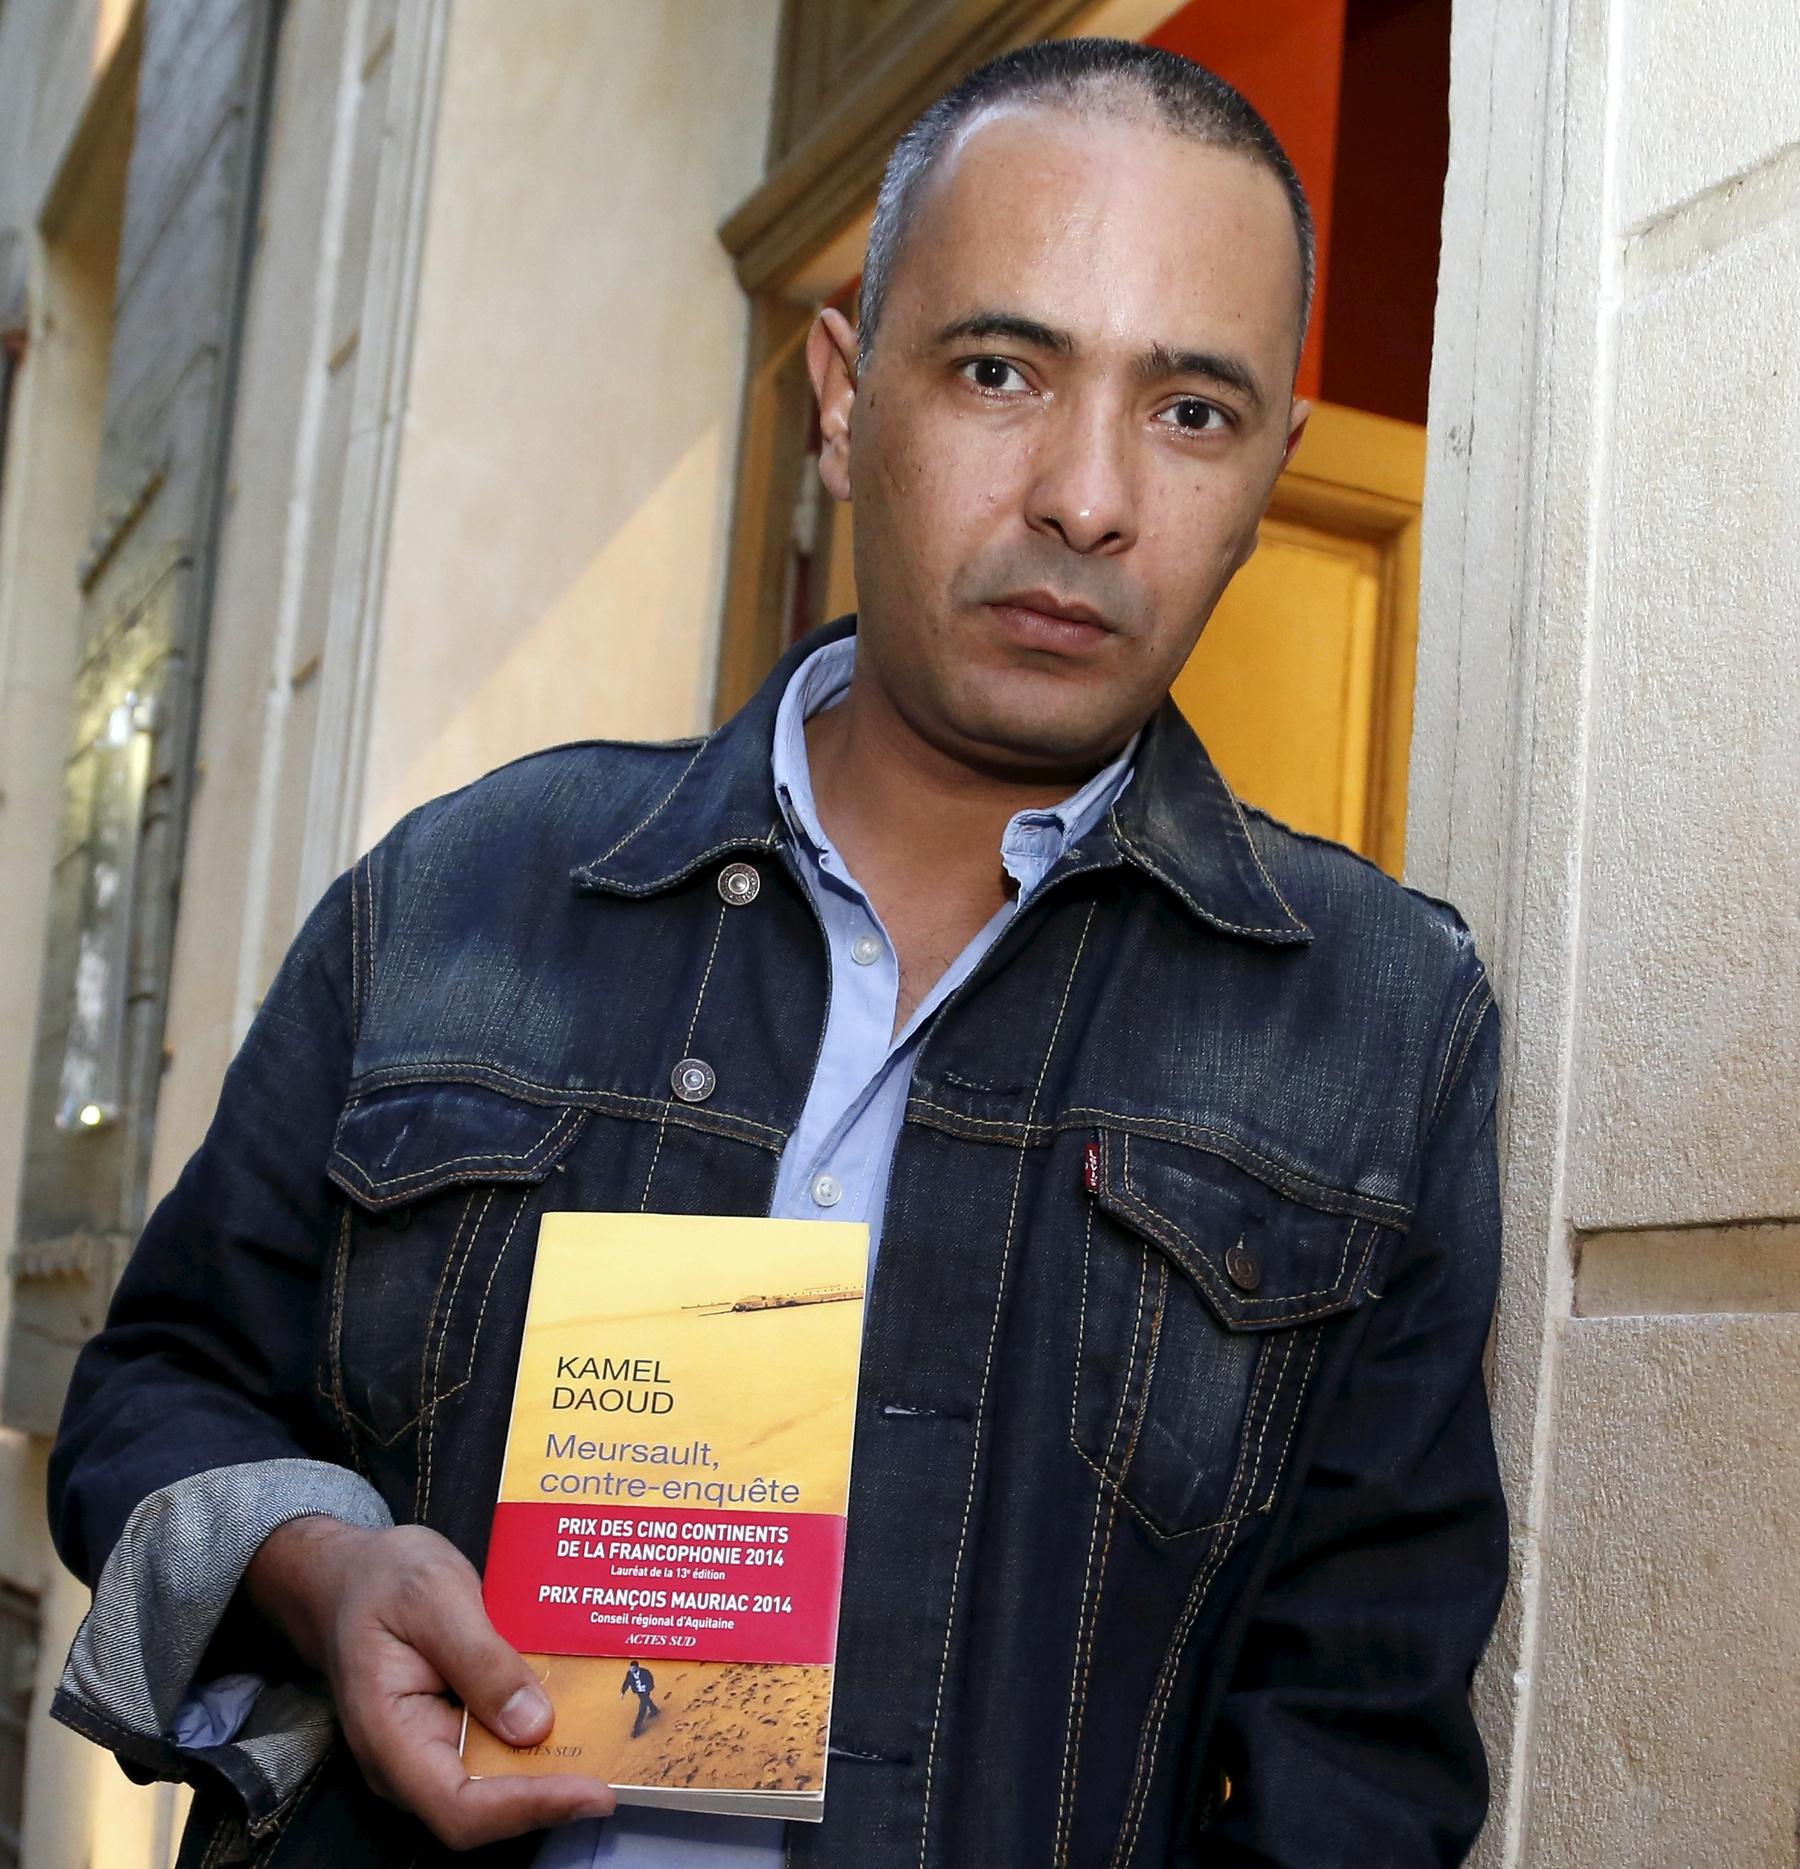 """L' écrivain journaliste Kamel Daoud est de passage a Arles son livre """" Meursault contre enquete"""" aux éditions Actes sud il est finaliste pour le Goncourt"""